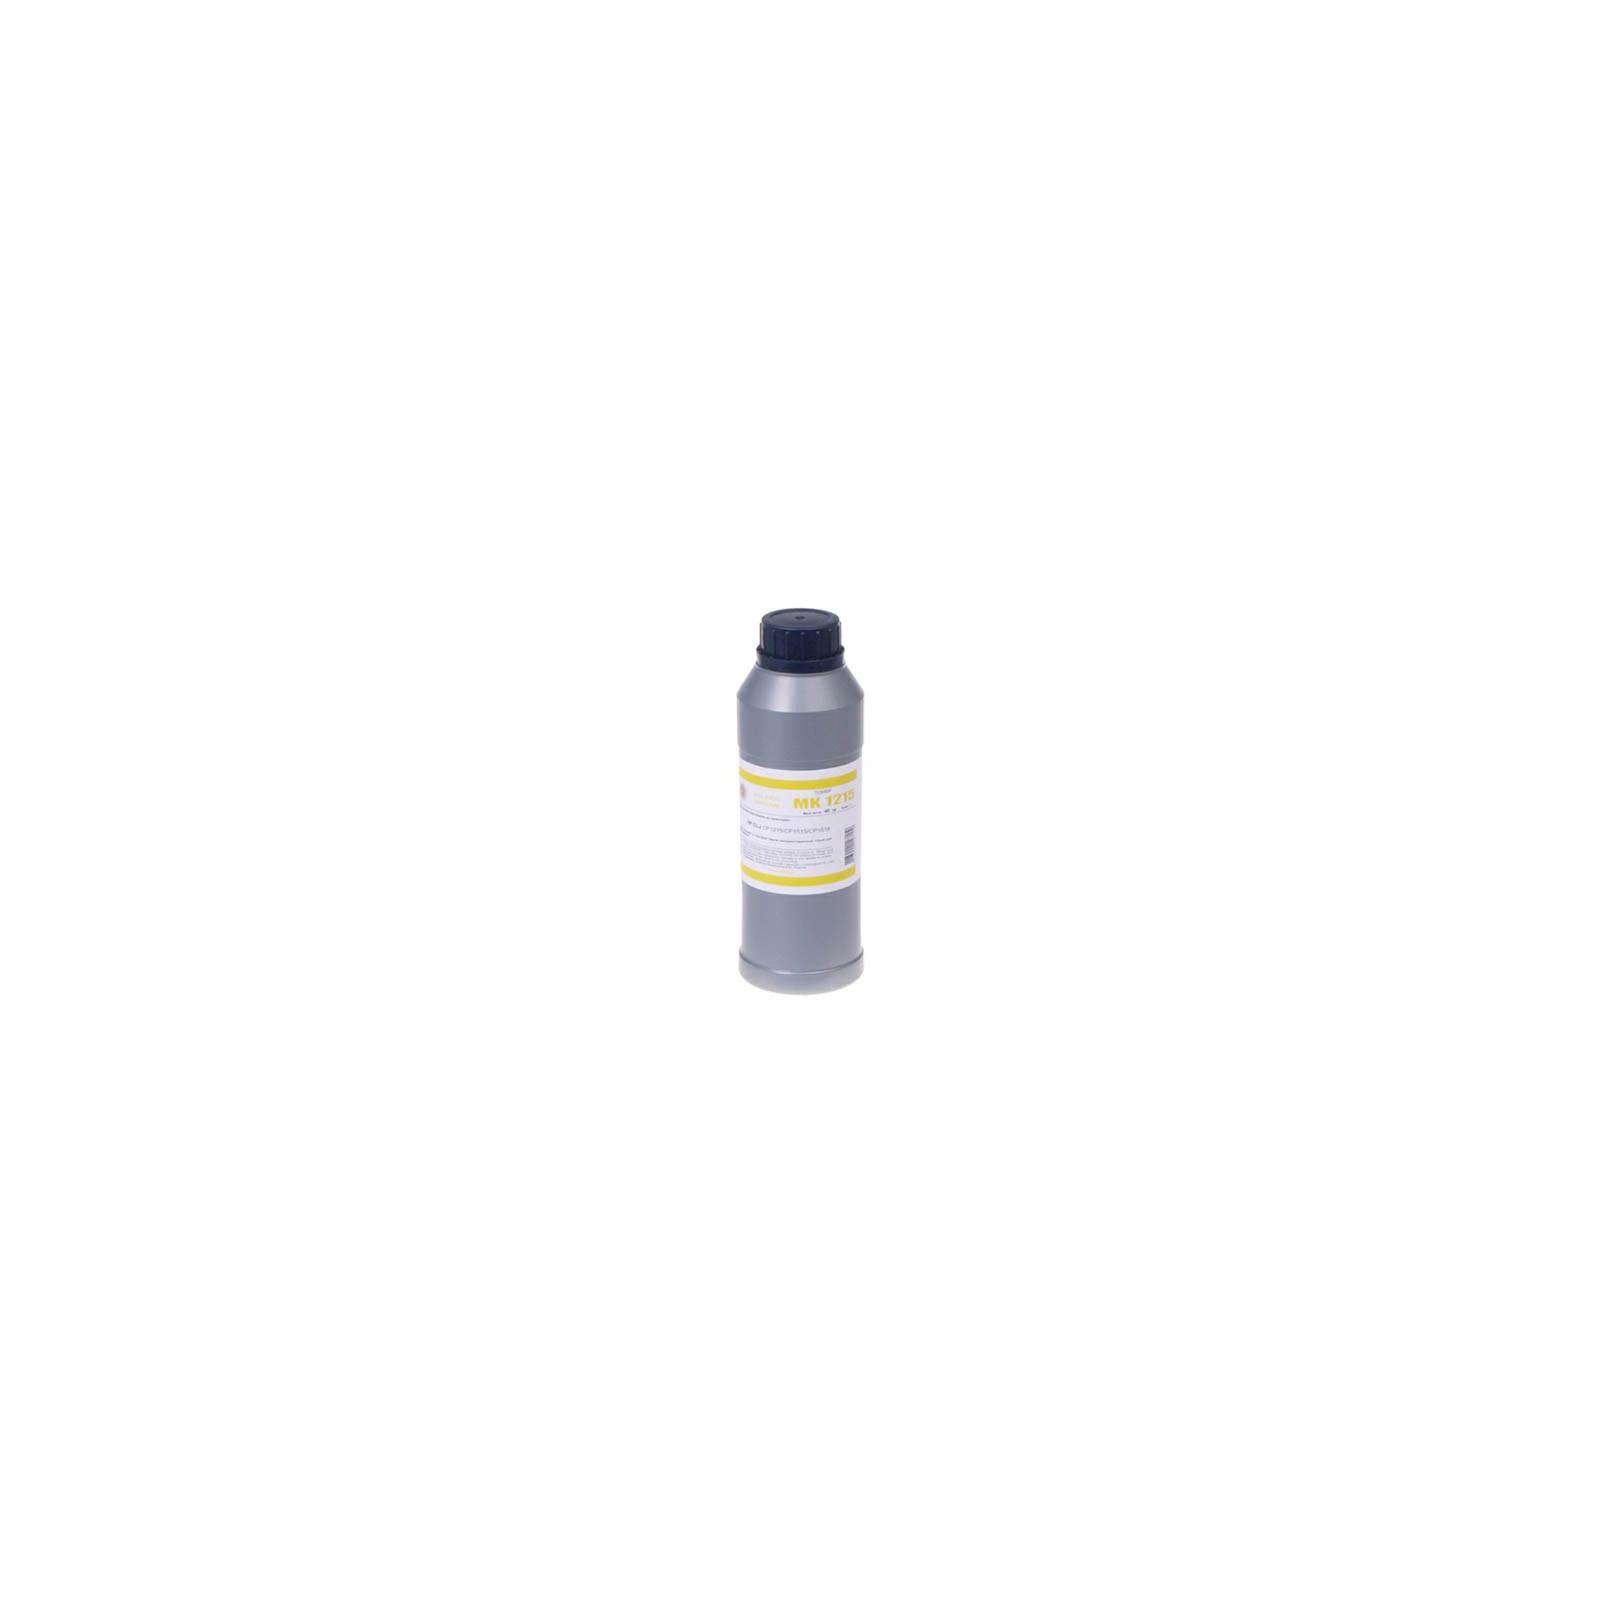 Тонер Kaleidochrome HP CLJ CP1215/CP1515/CM1312 бутль 40г Yellow (TB88Y-2)